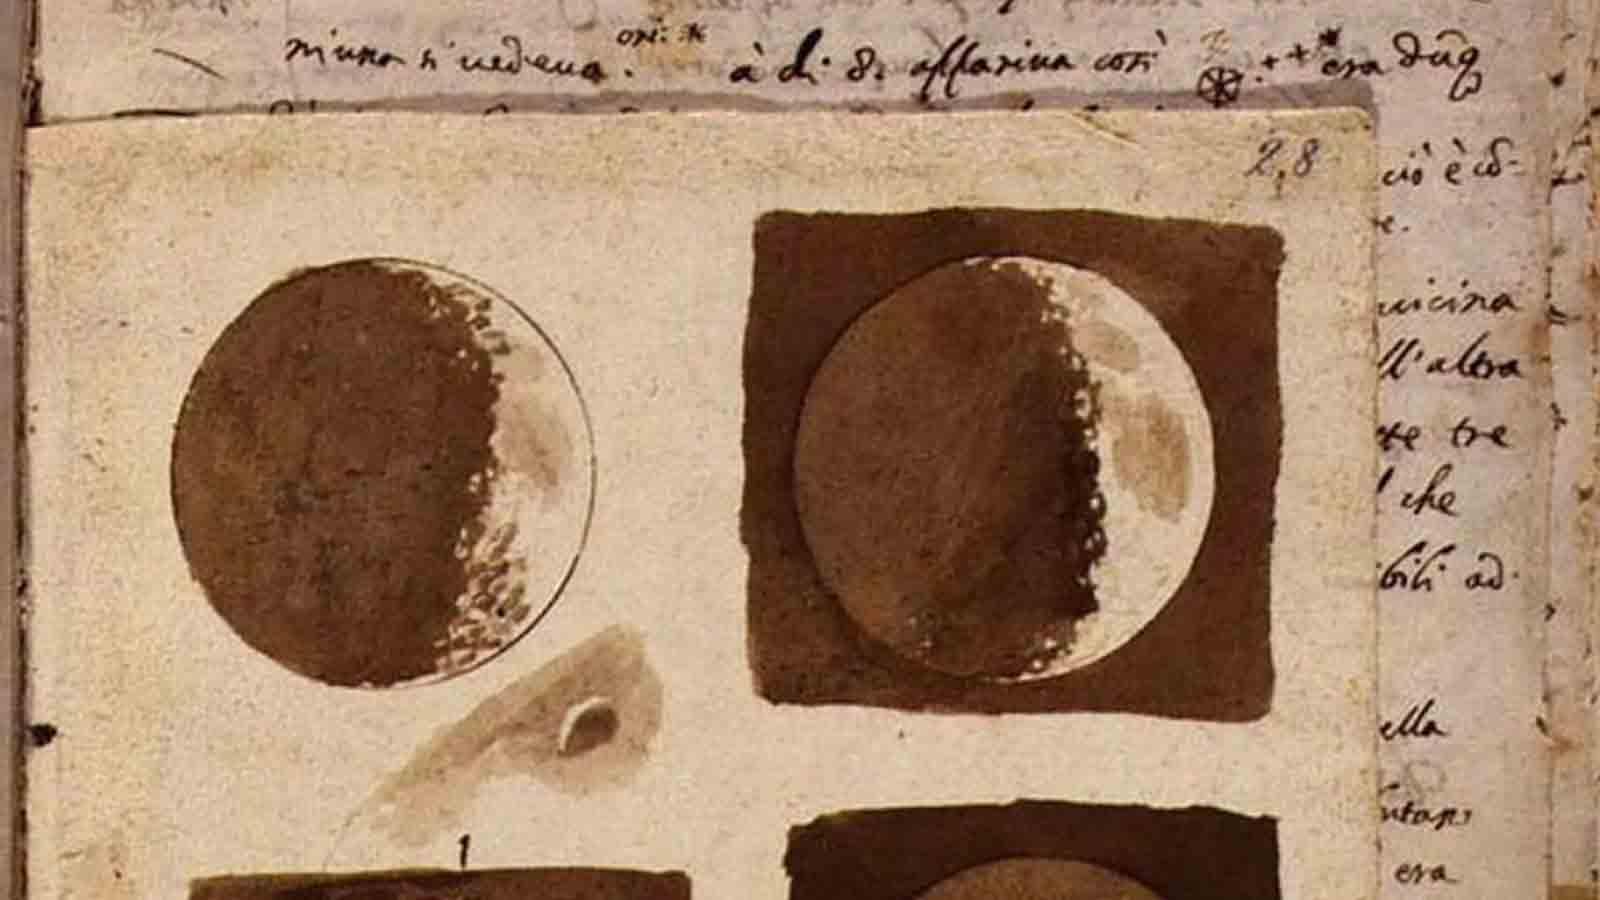 C3 - La Luna de Galileo: debate y divulgación científica en el Renacimiento